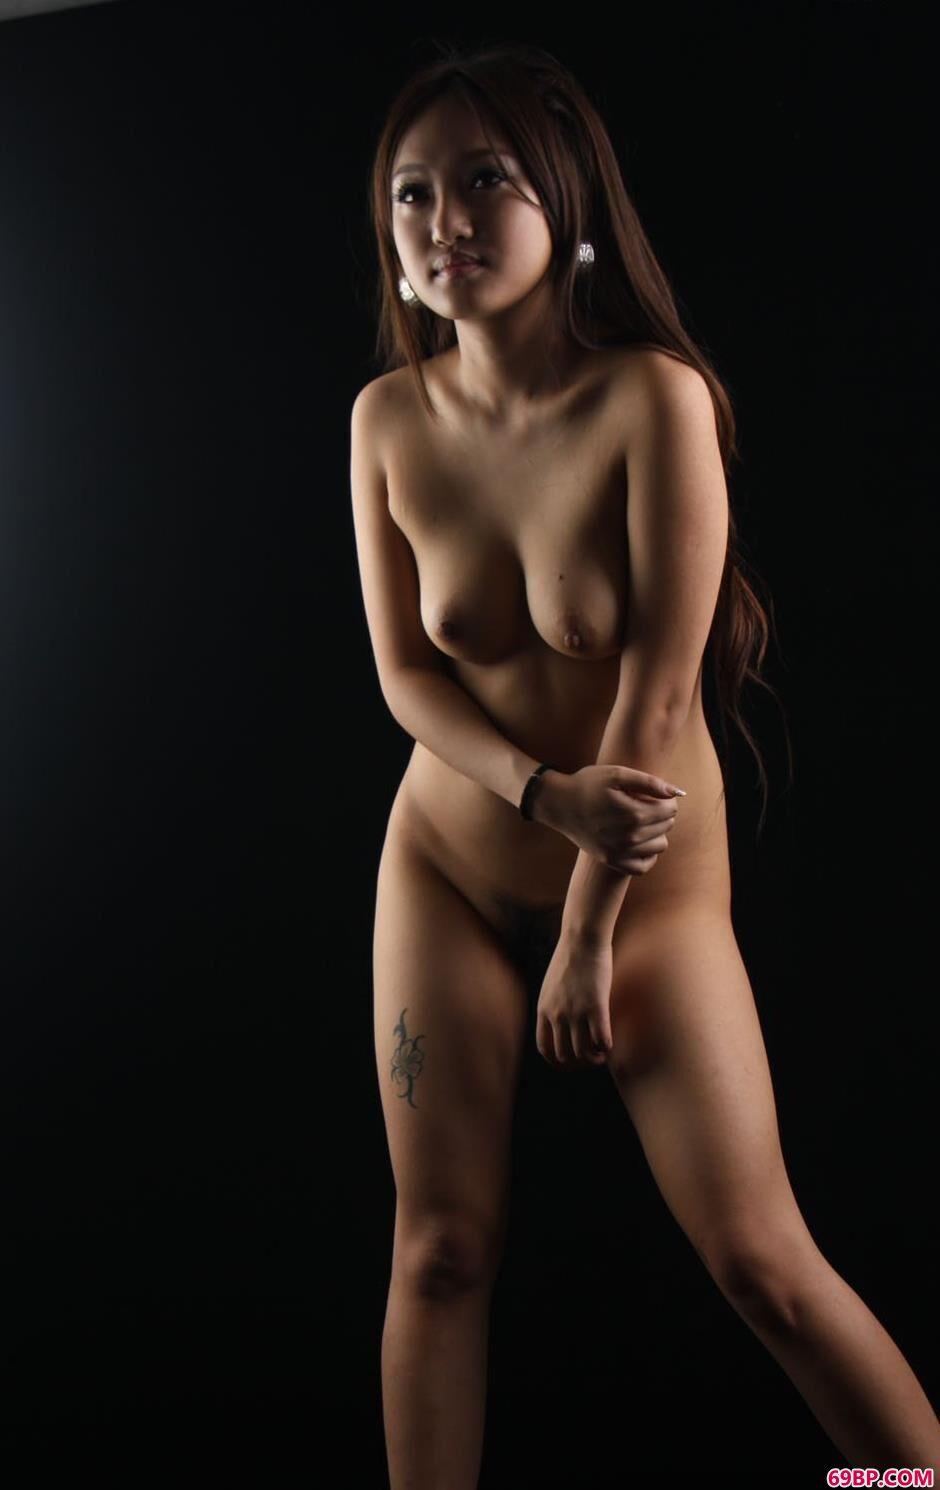 太大胆的美女人体艺术图片,靓女sara黑棚里的妩媚人体2